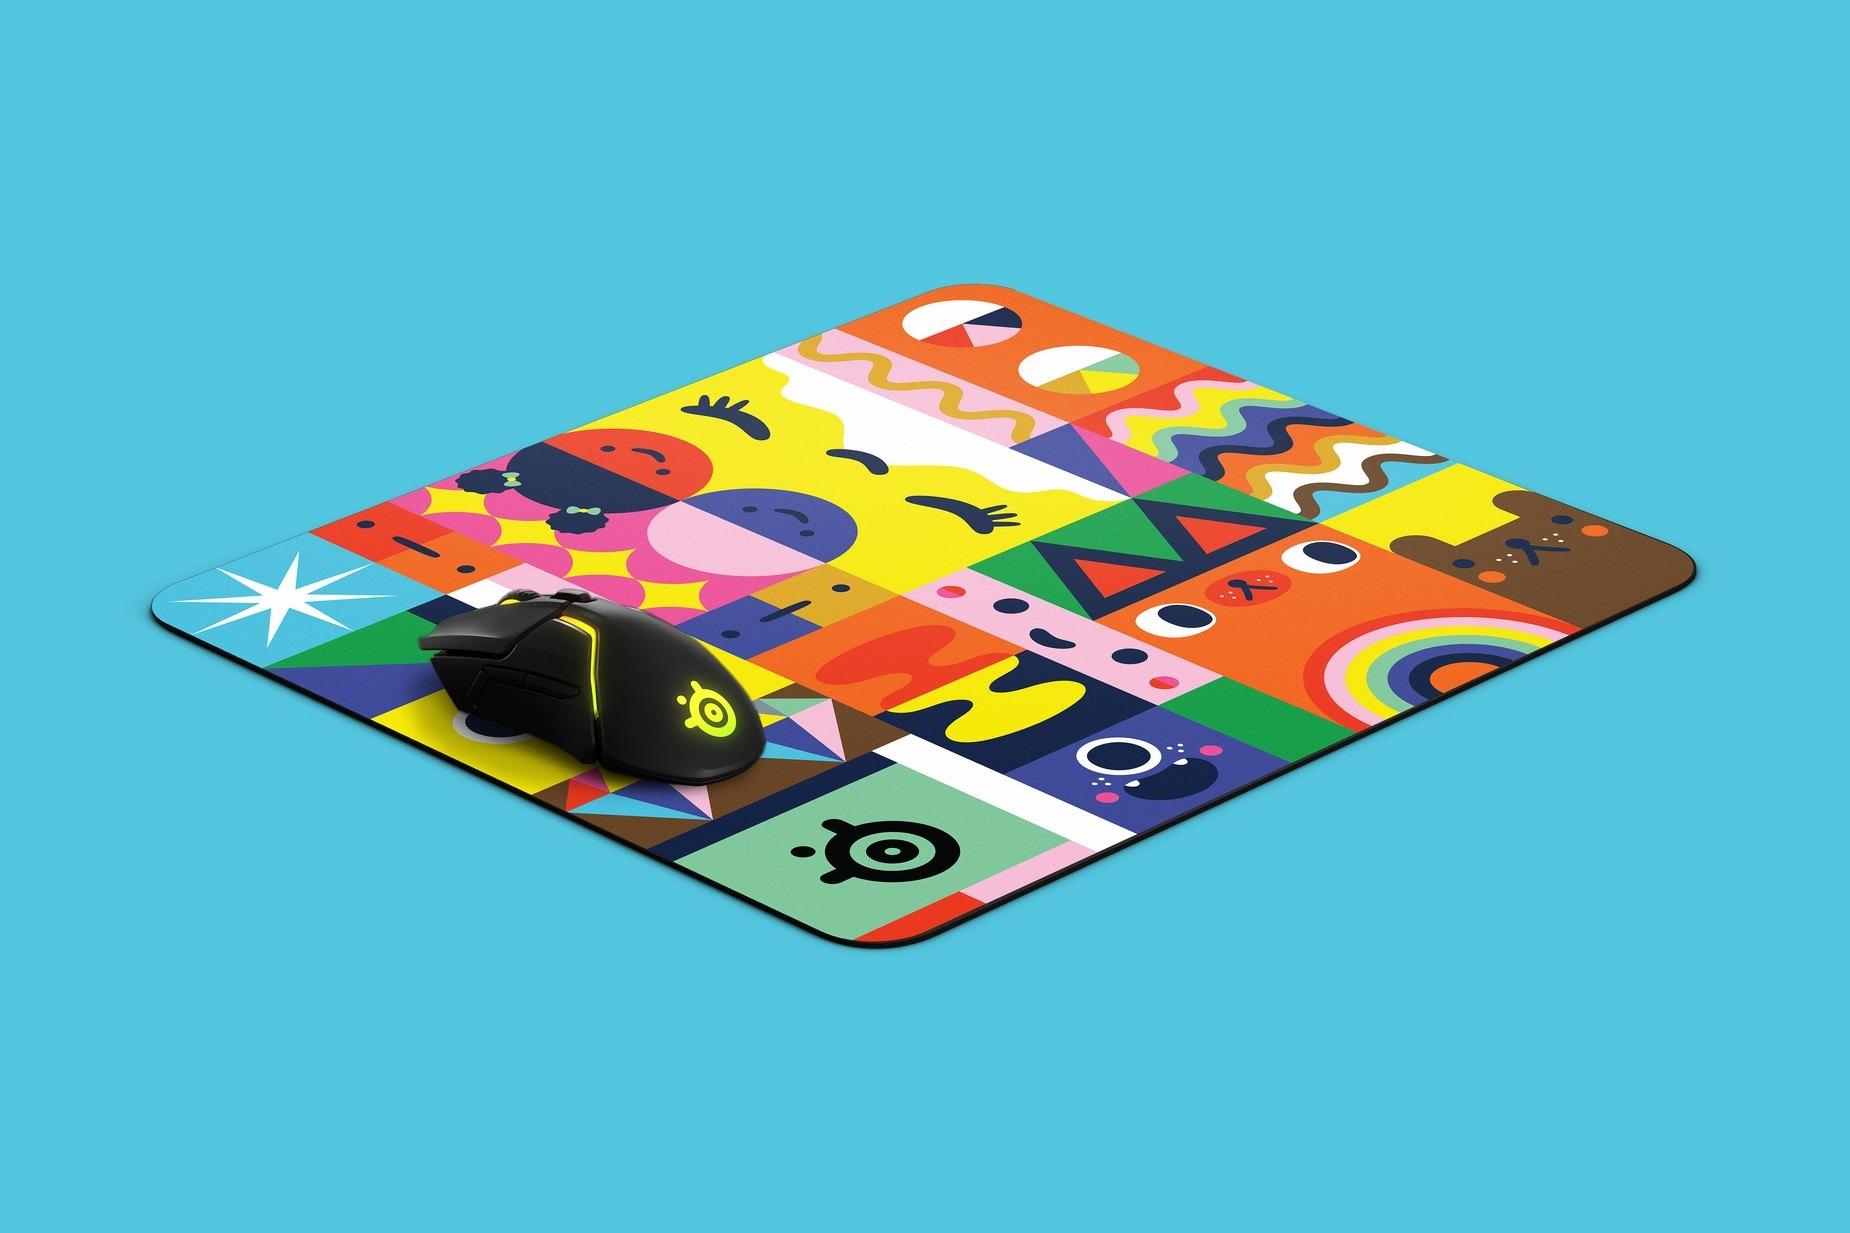 大きさを示すために、Rivalマウスと共に斜めに置かれたマウスパッドの製品図